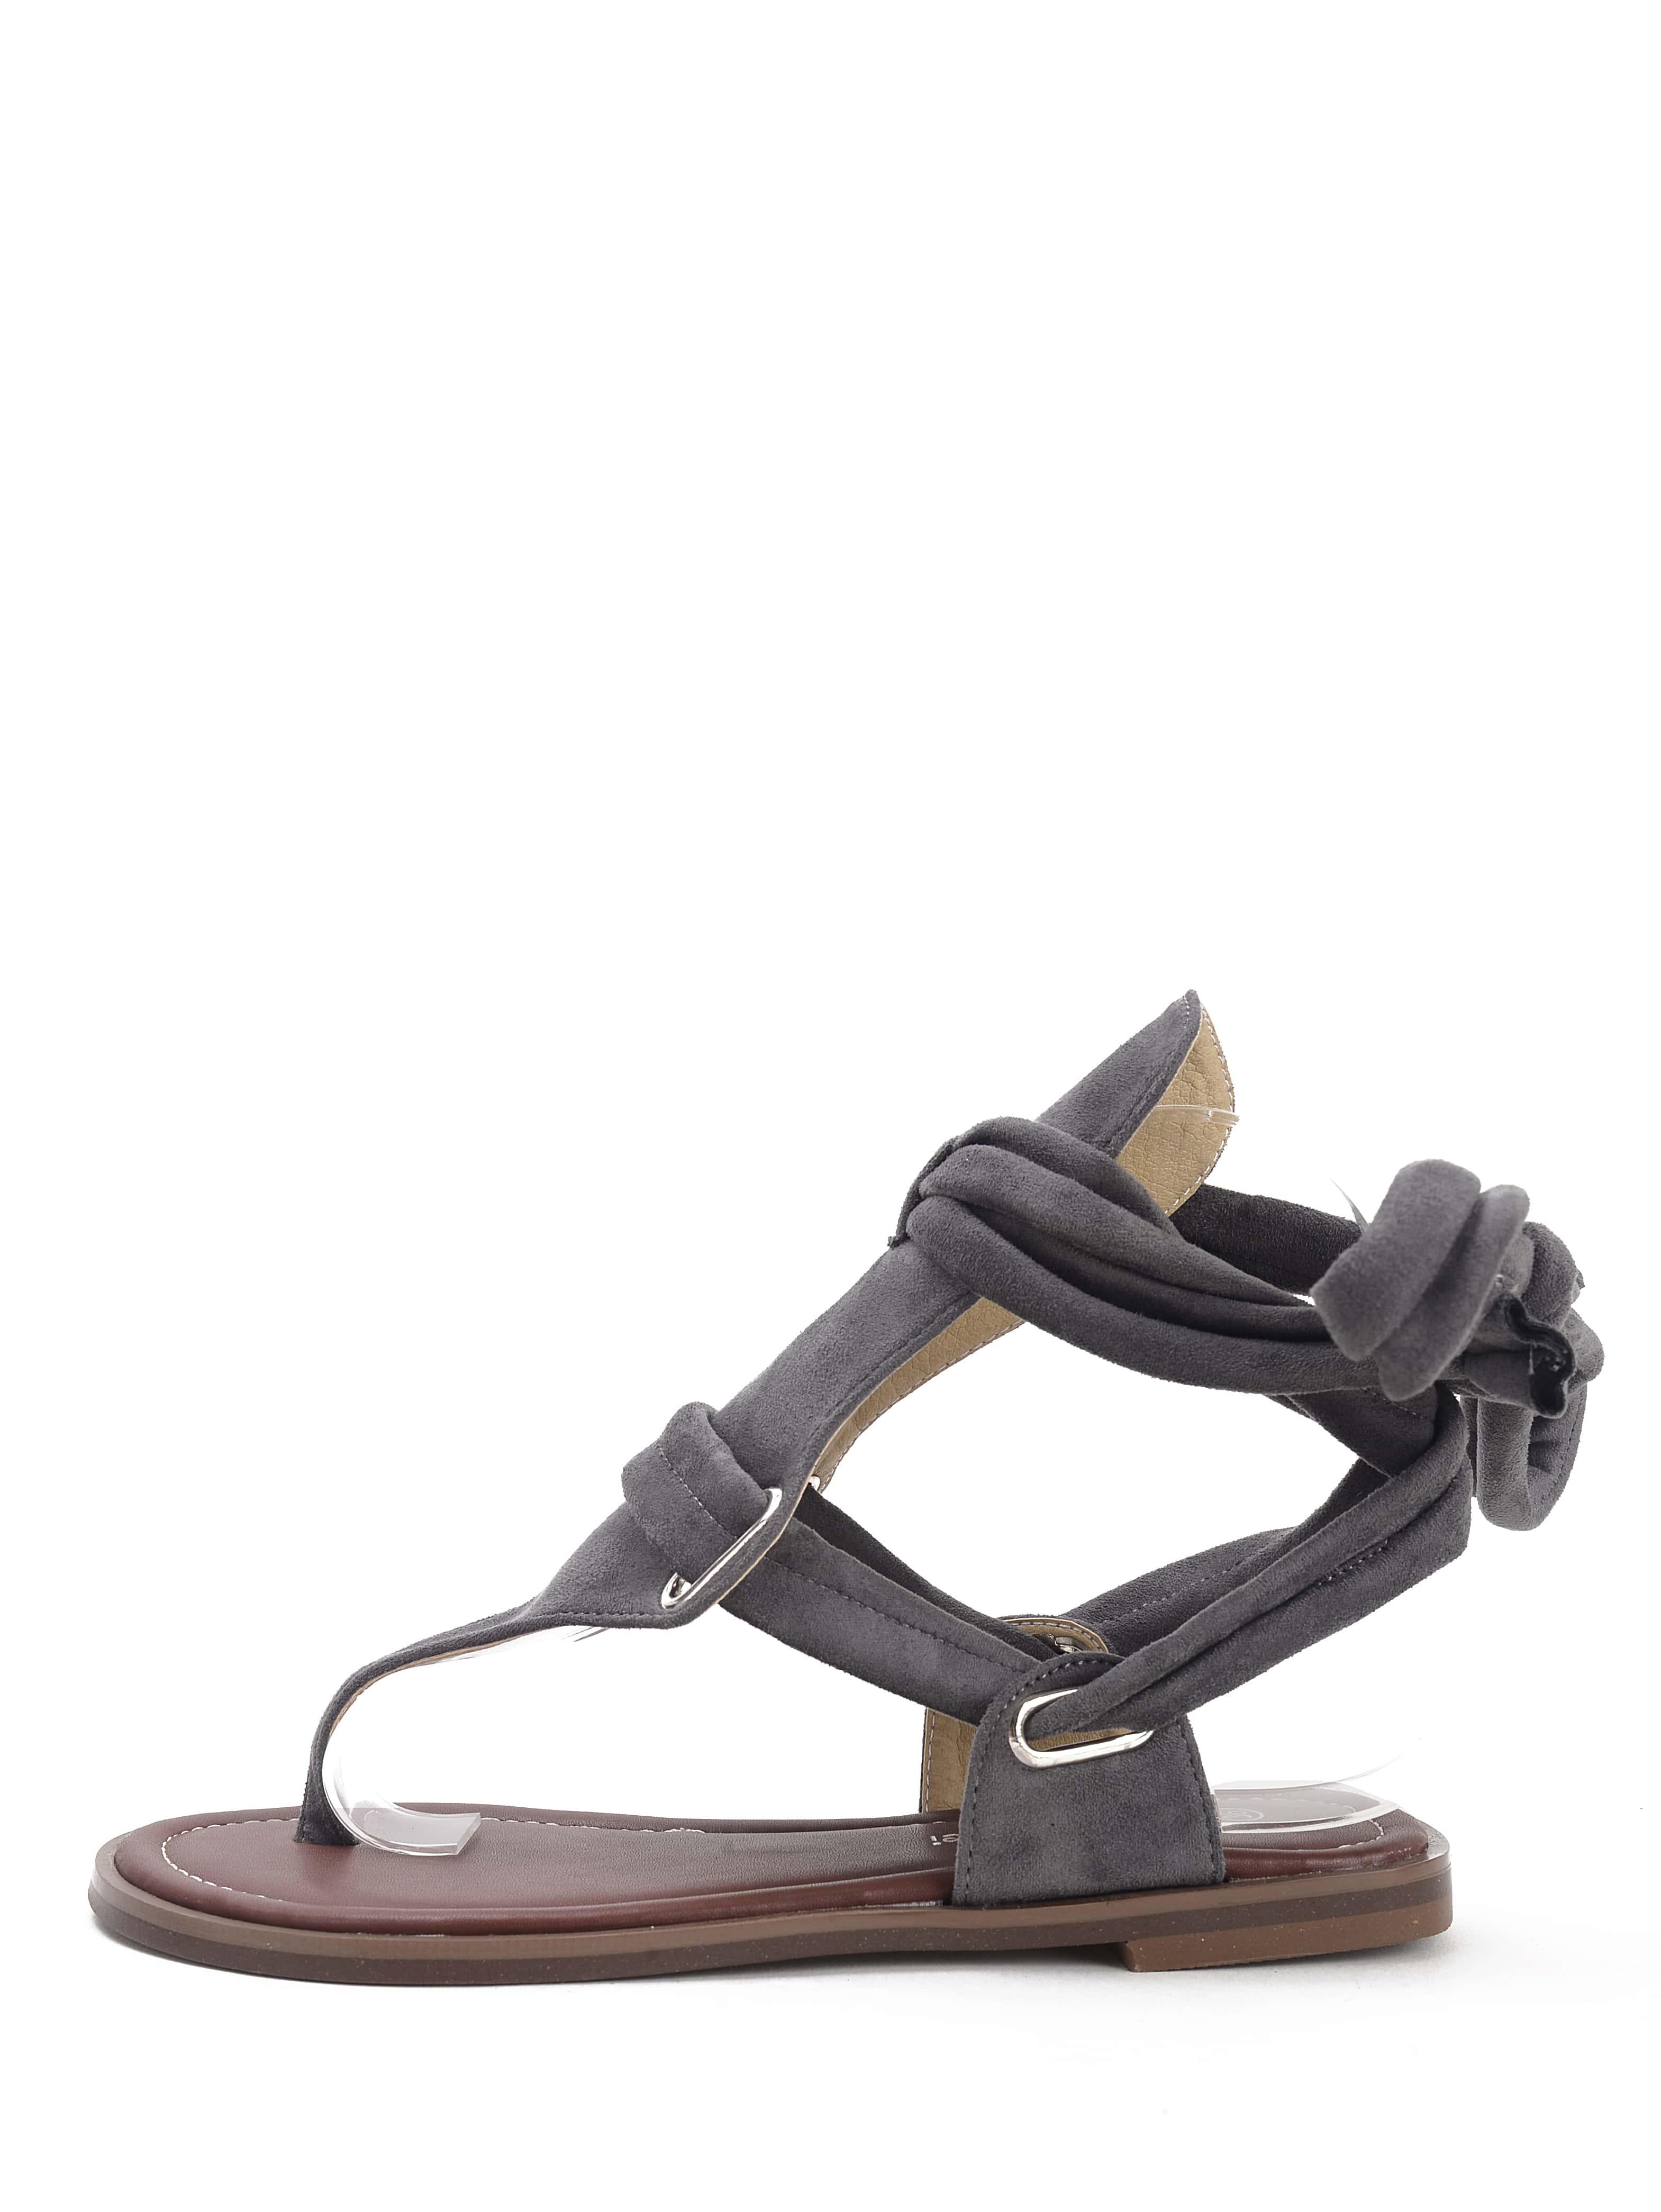 zehensteg sandalen flach aus faux suede mit schn rung. Black Bedroom Furniture Sets. Home Design Ideas